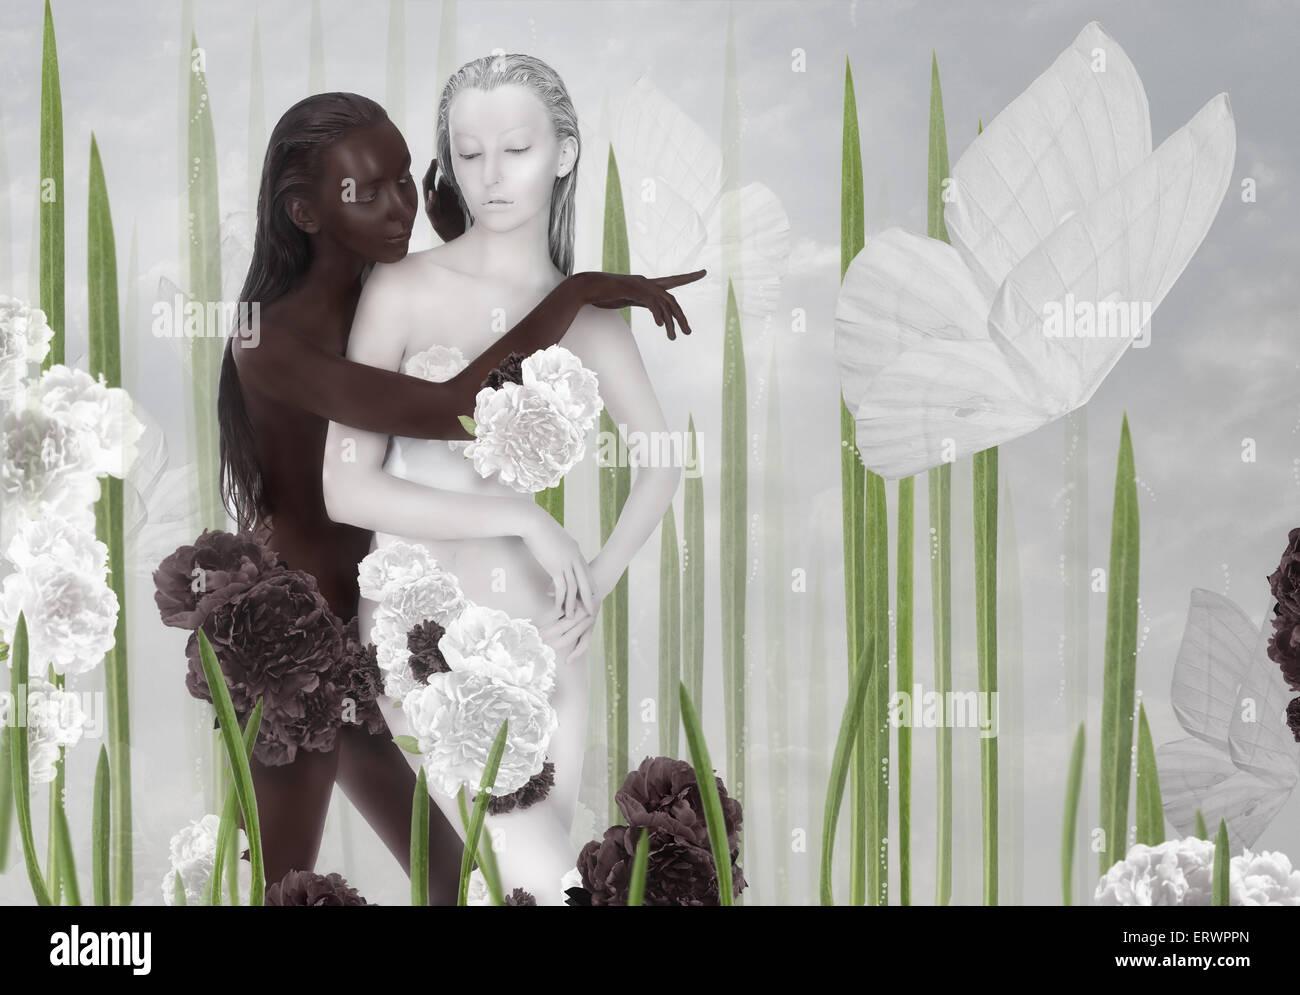 Phantasie. Zwei Frauen farbig, schwarz und weiß Stockbild